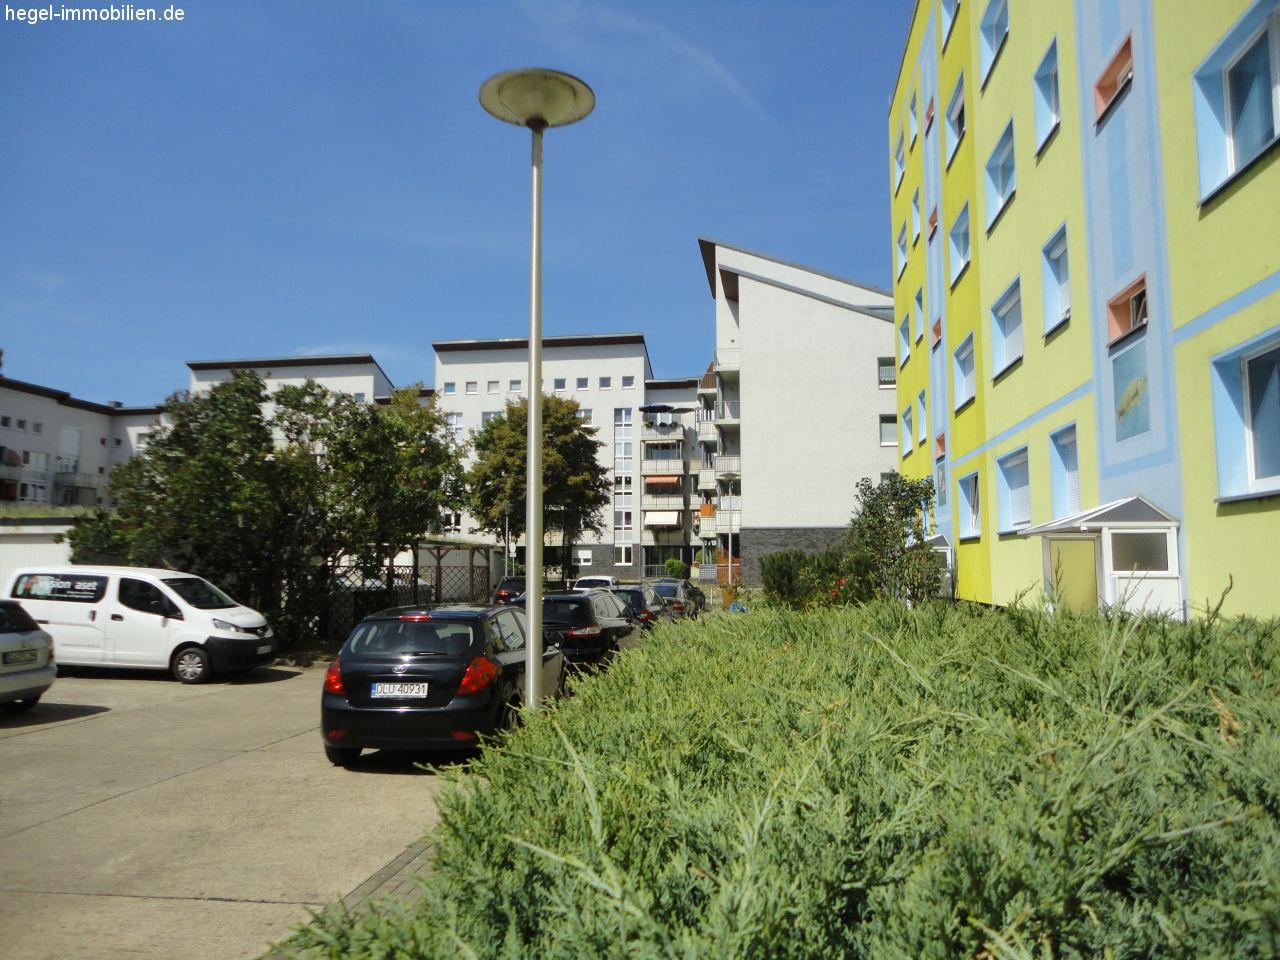 3 Raum Wohnung Magdeburg  Miet Objekte Magdeburg 3 Raum Wohnung mit Einbauküche